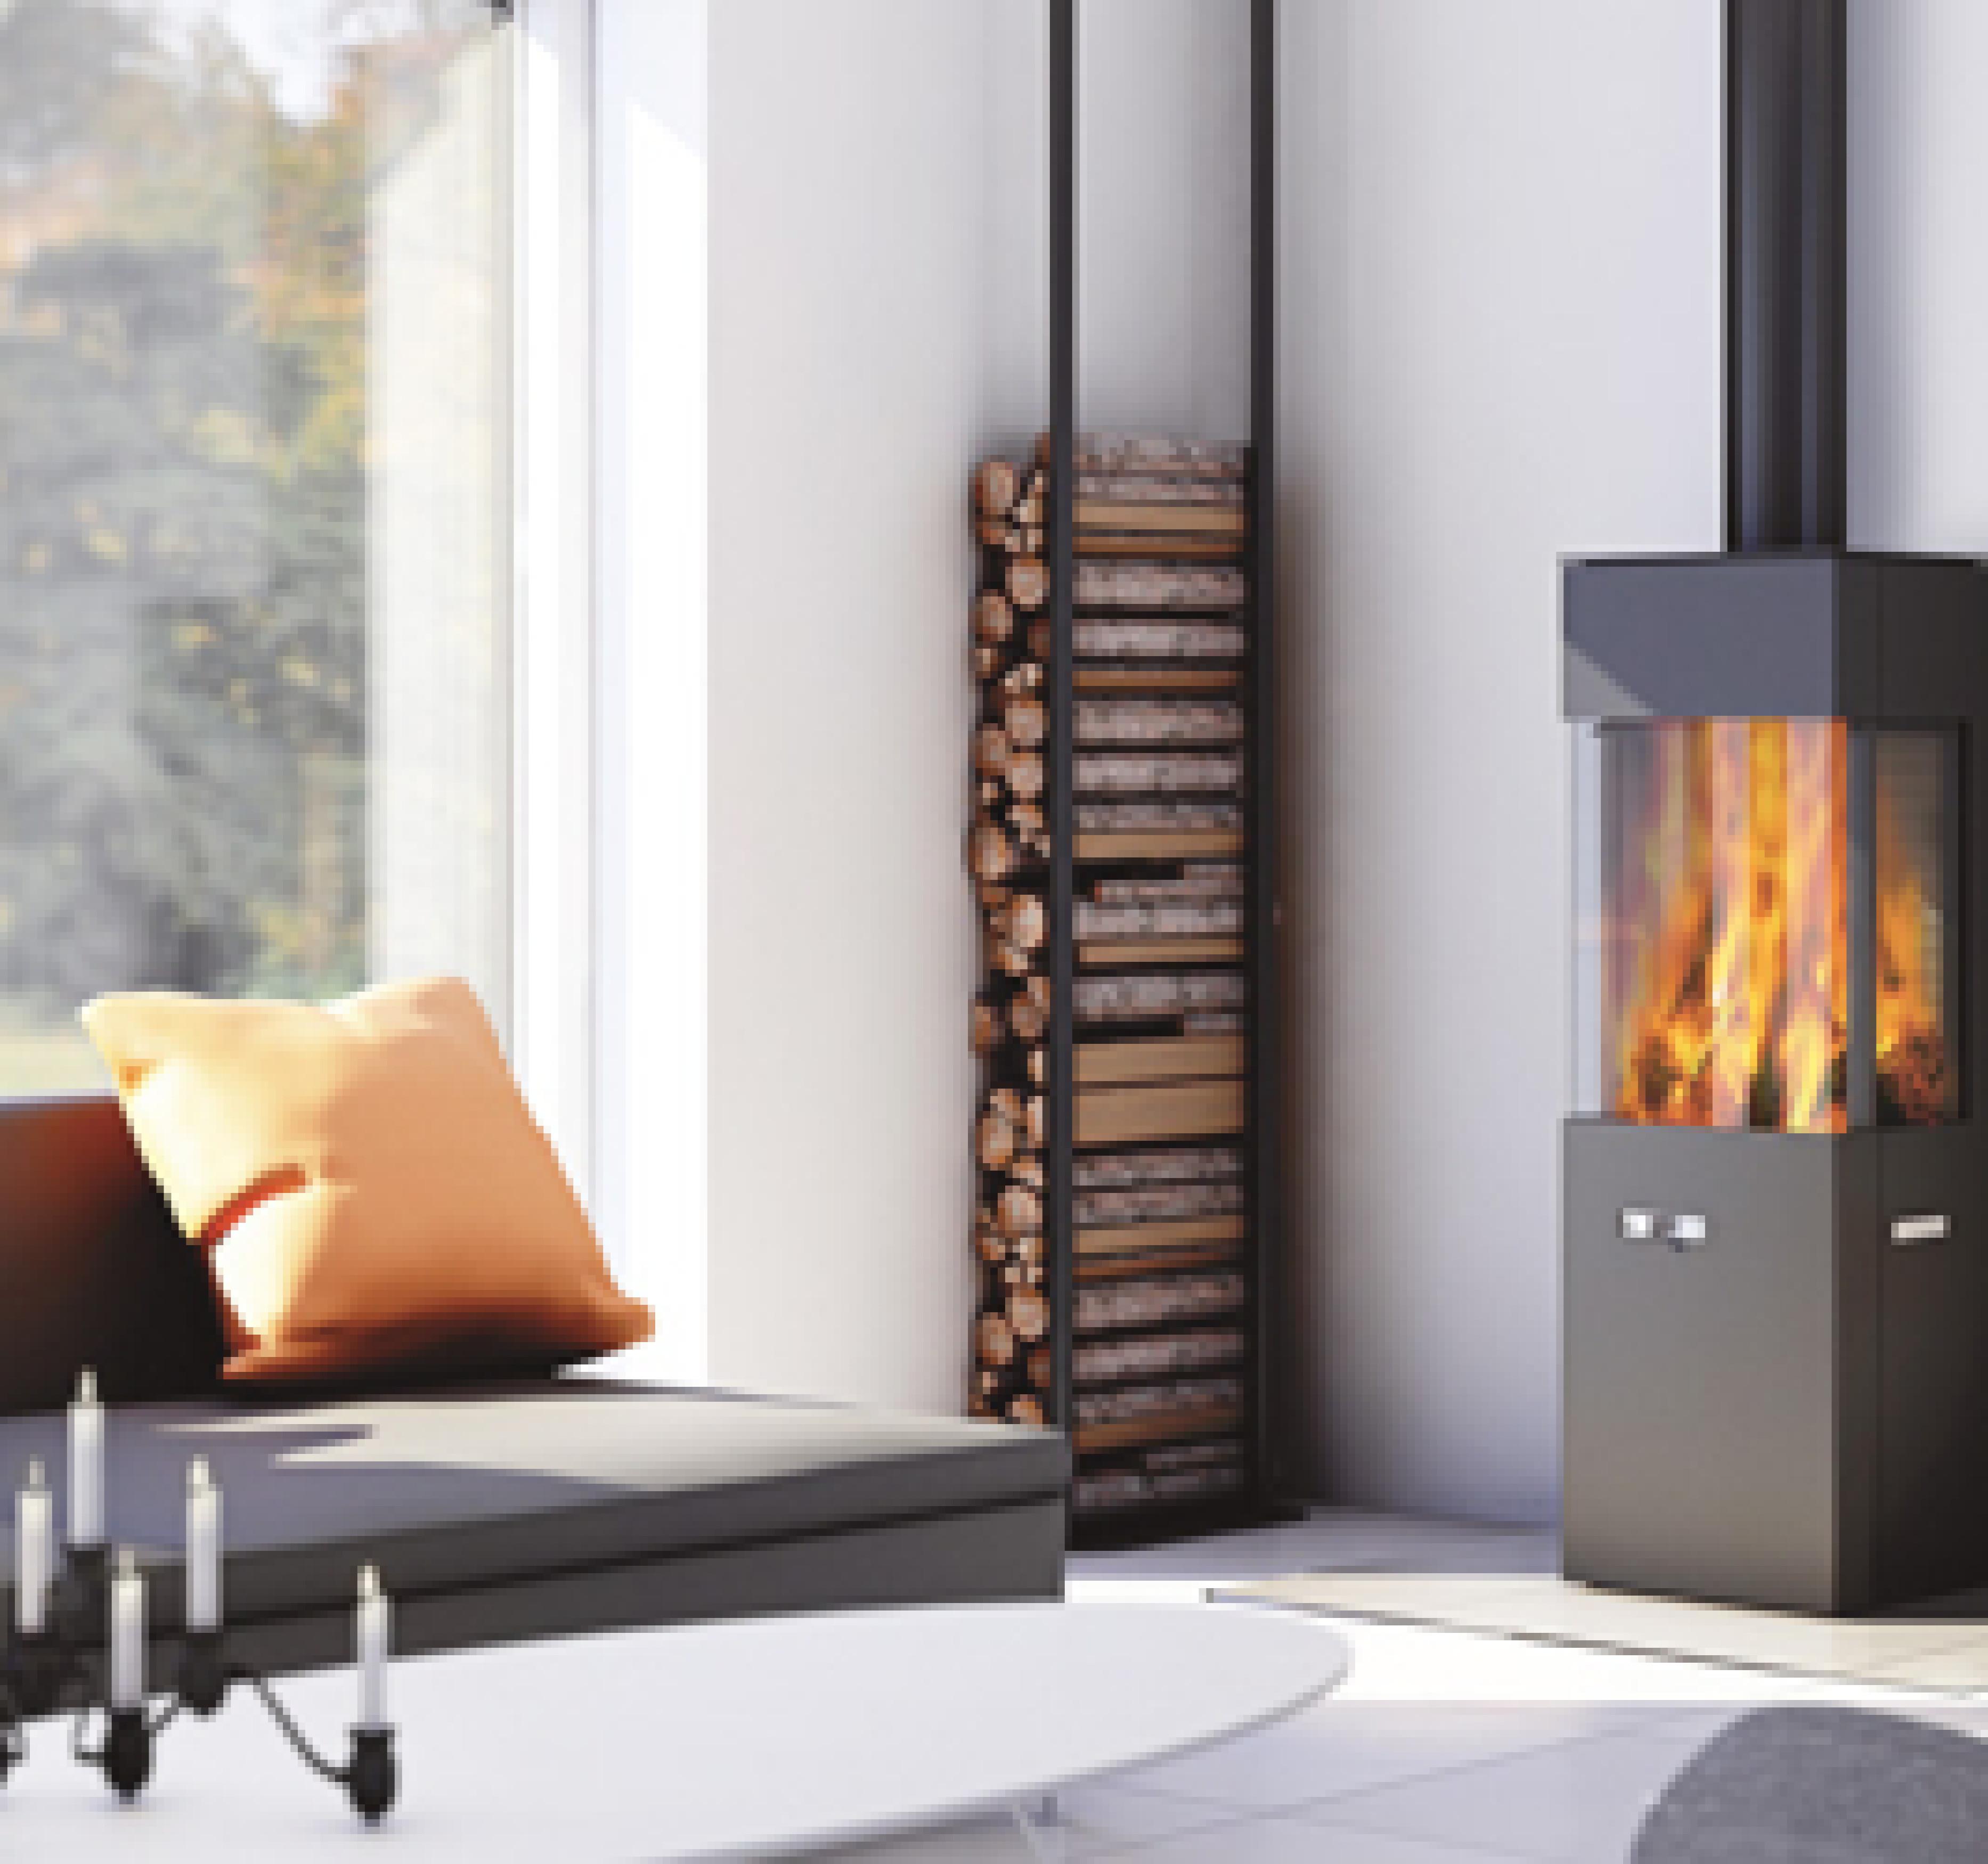 de houtkachel als milieuvriendelijke warmte mits juist. Black Bedroom Furniture Sets. Home Design Ideas